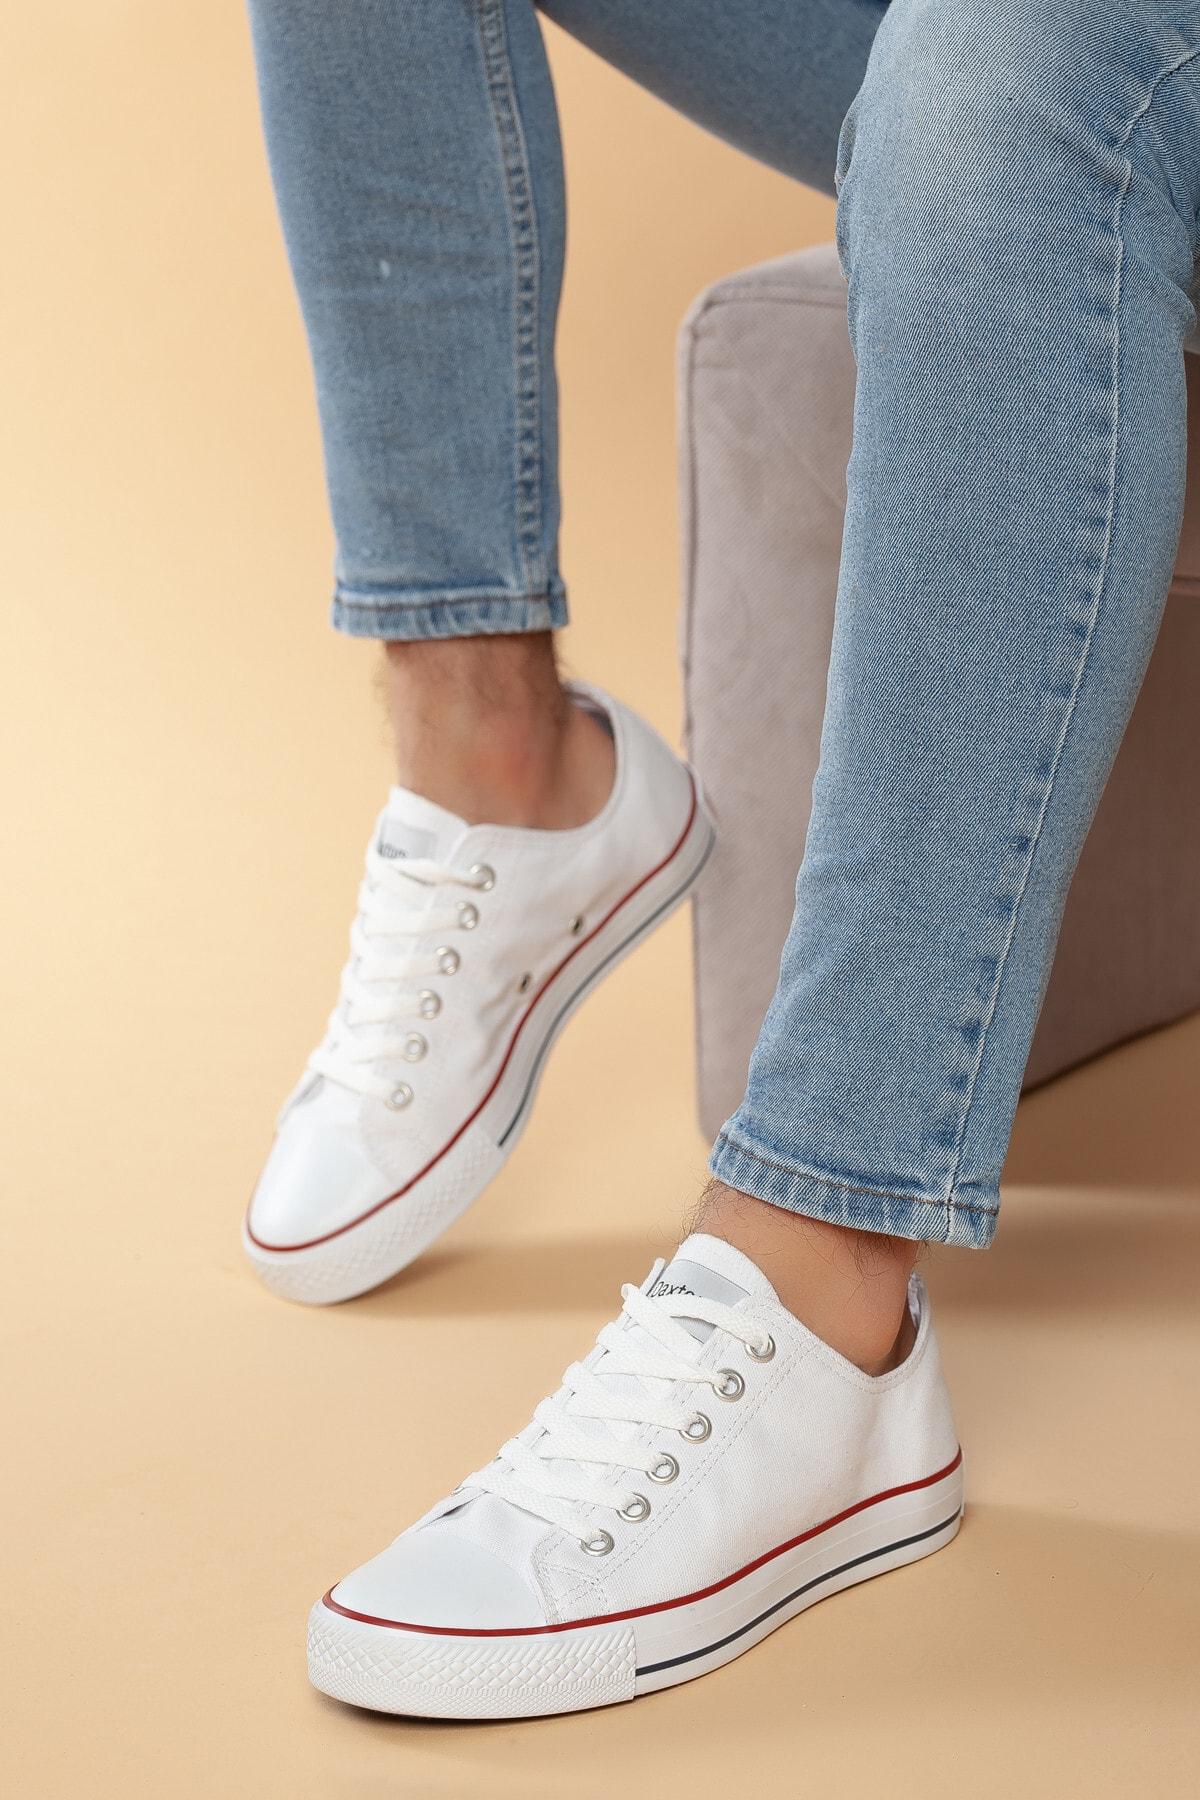 Daxtors Beyaz Günlük Ortopedik Erkek Keten Spor Ayakkabı  DXTRMCONT005 0